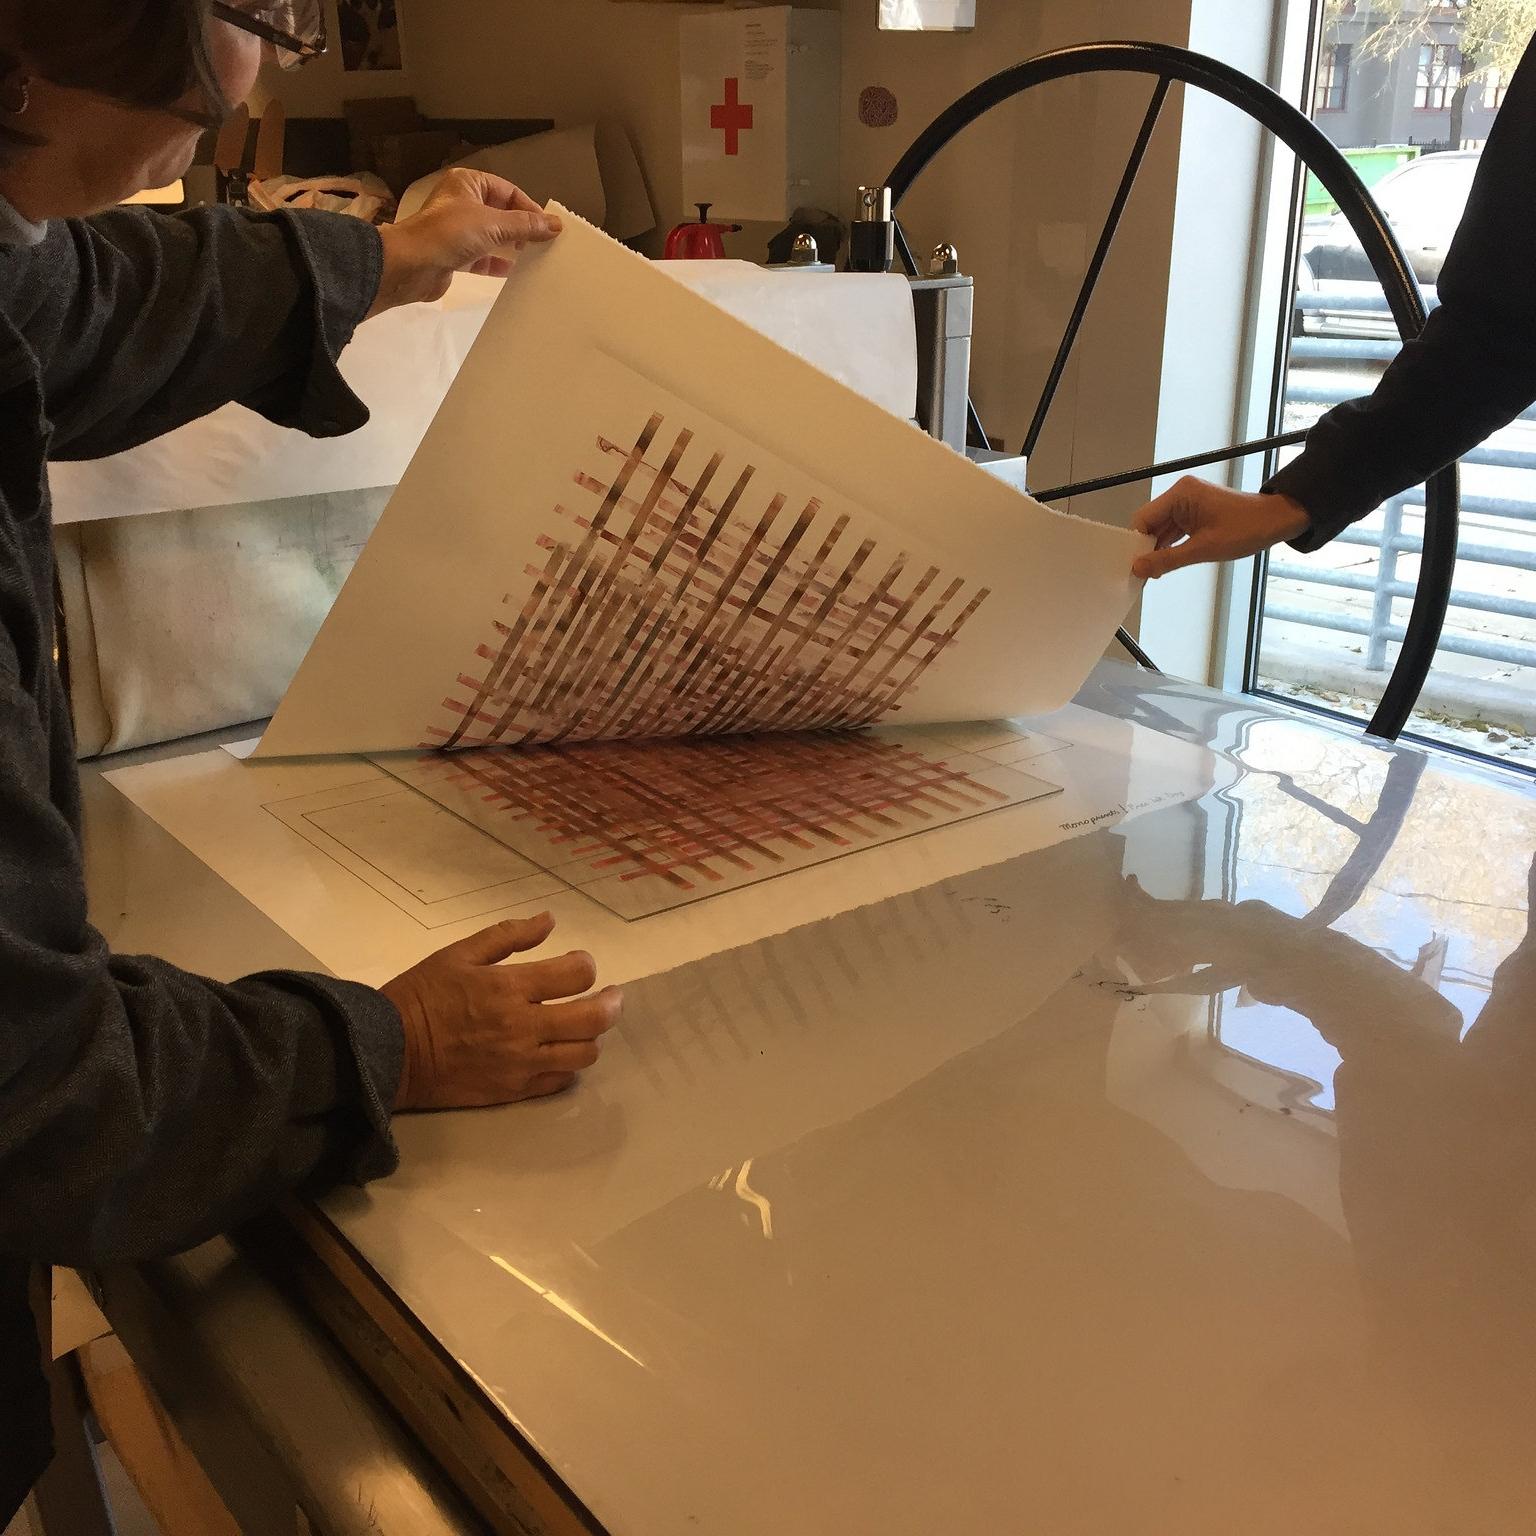 Pulling a monoprint.